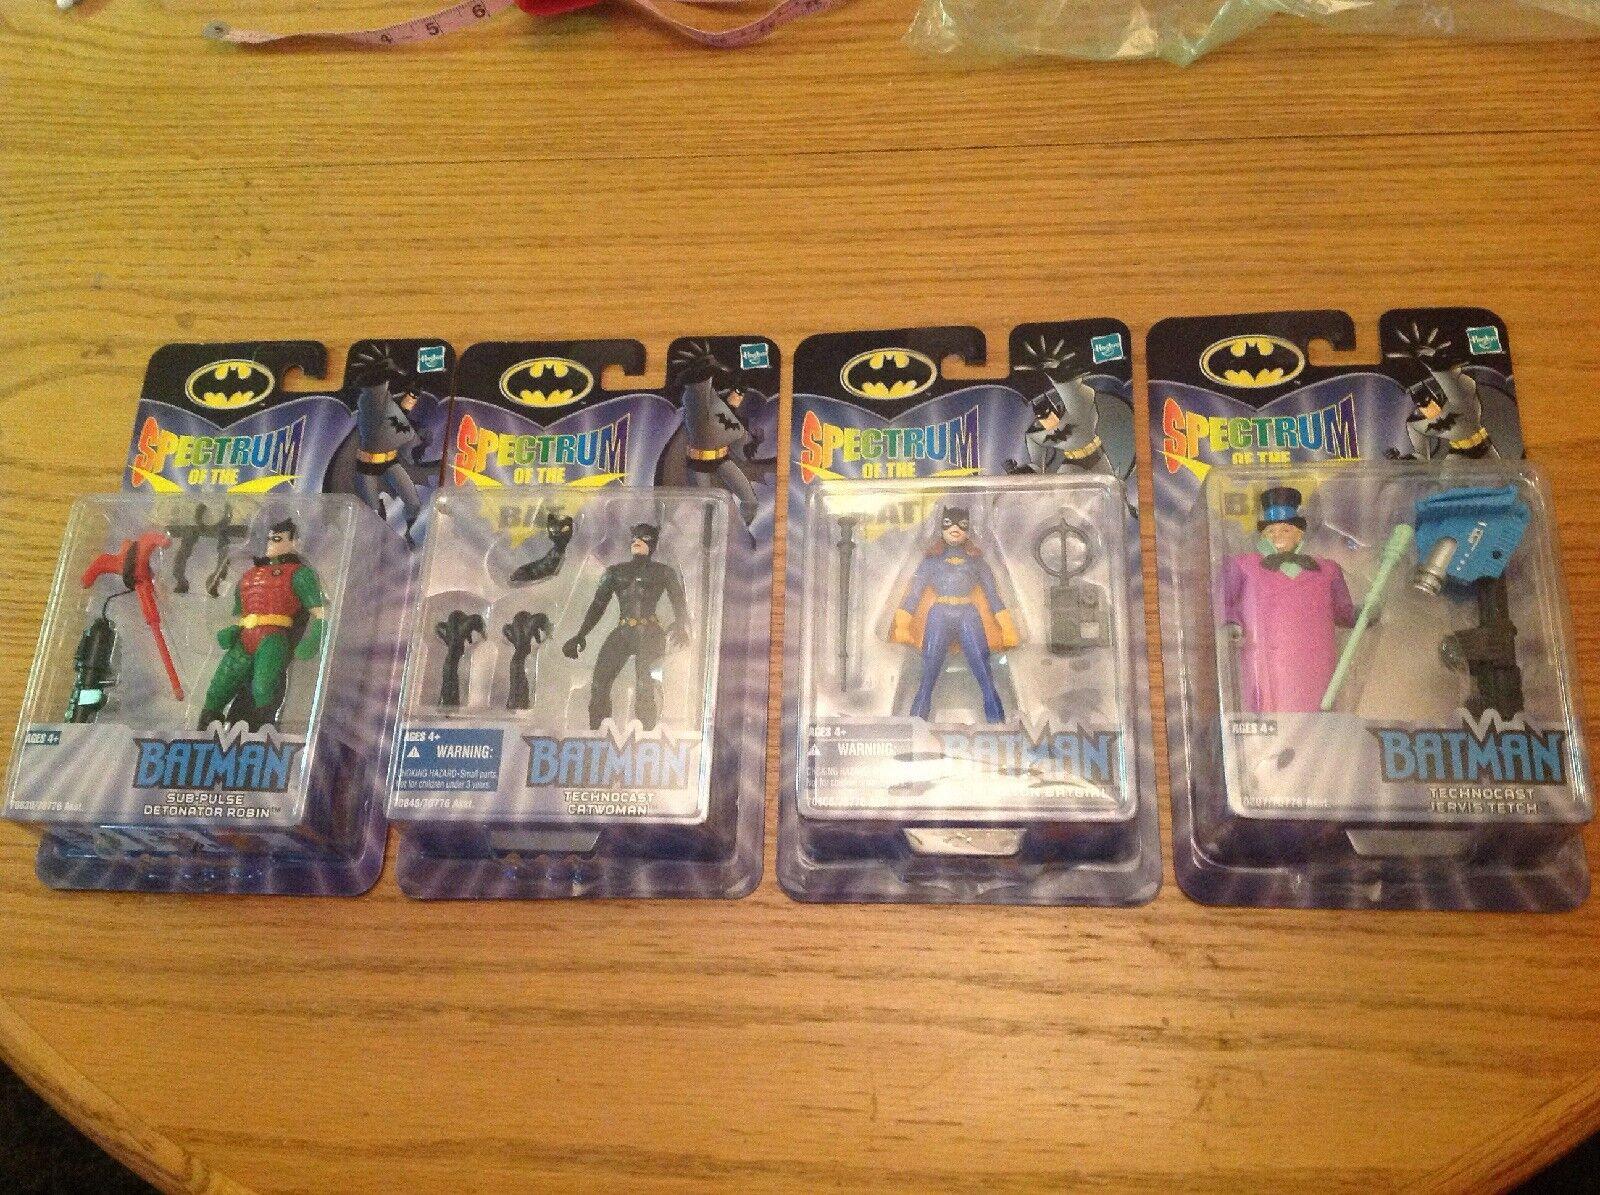 Batman - spektrum der fledermaus menge 4 zahlen alle neuen fabrik versiegelt.batgirl